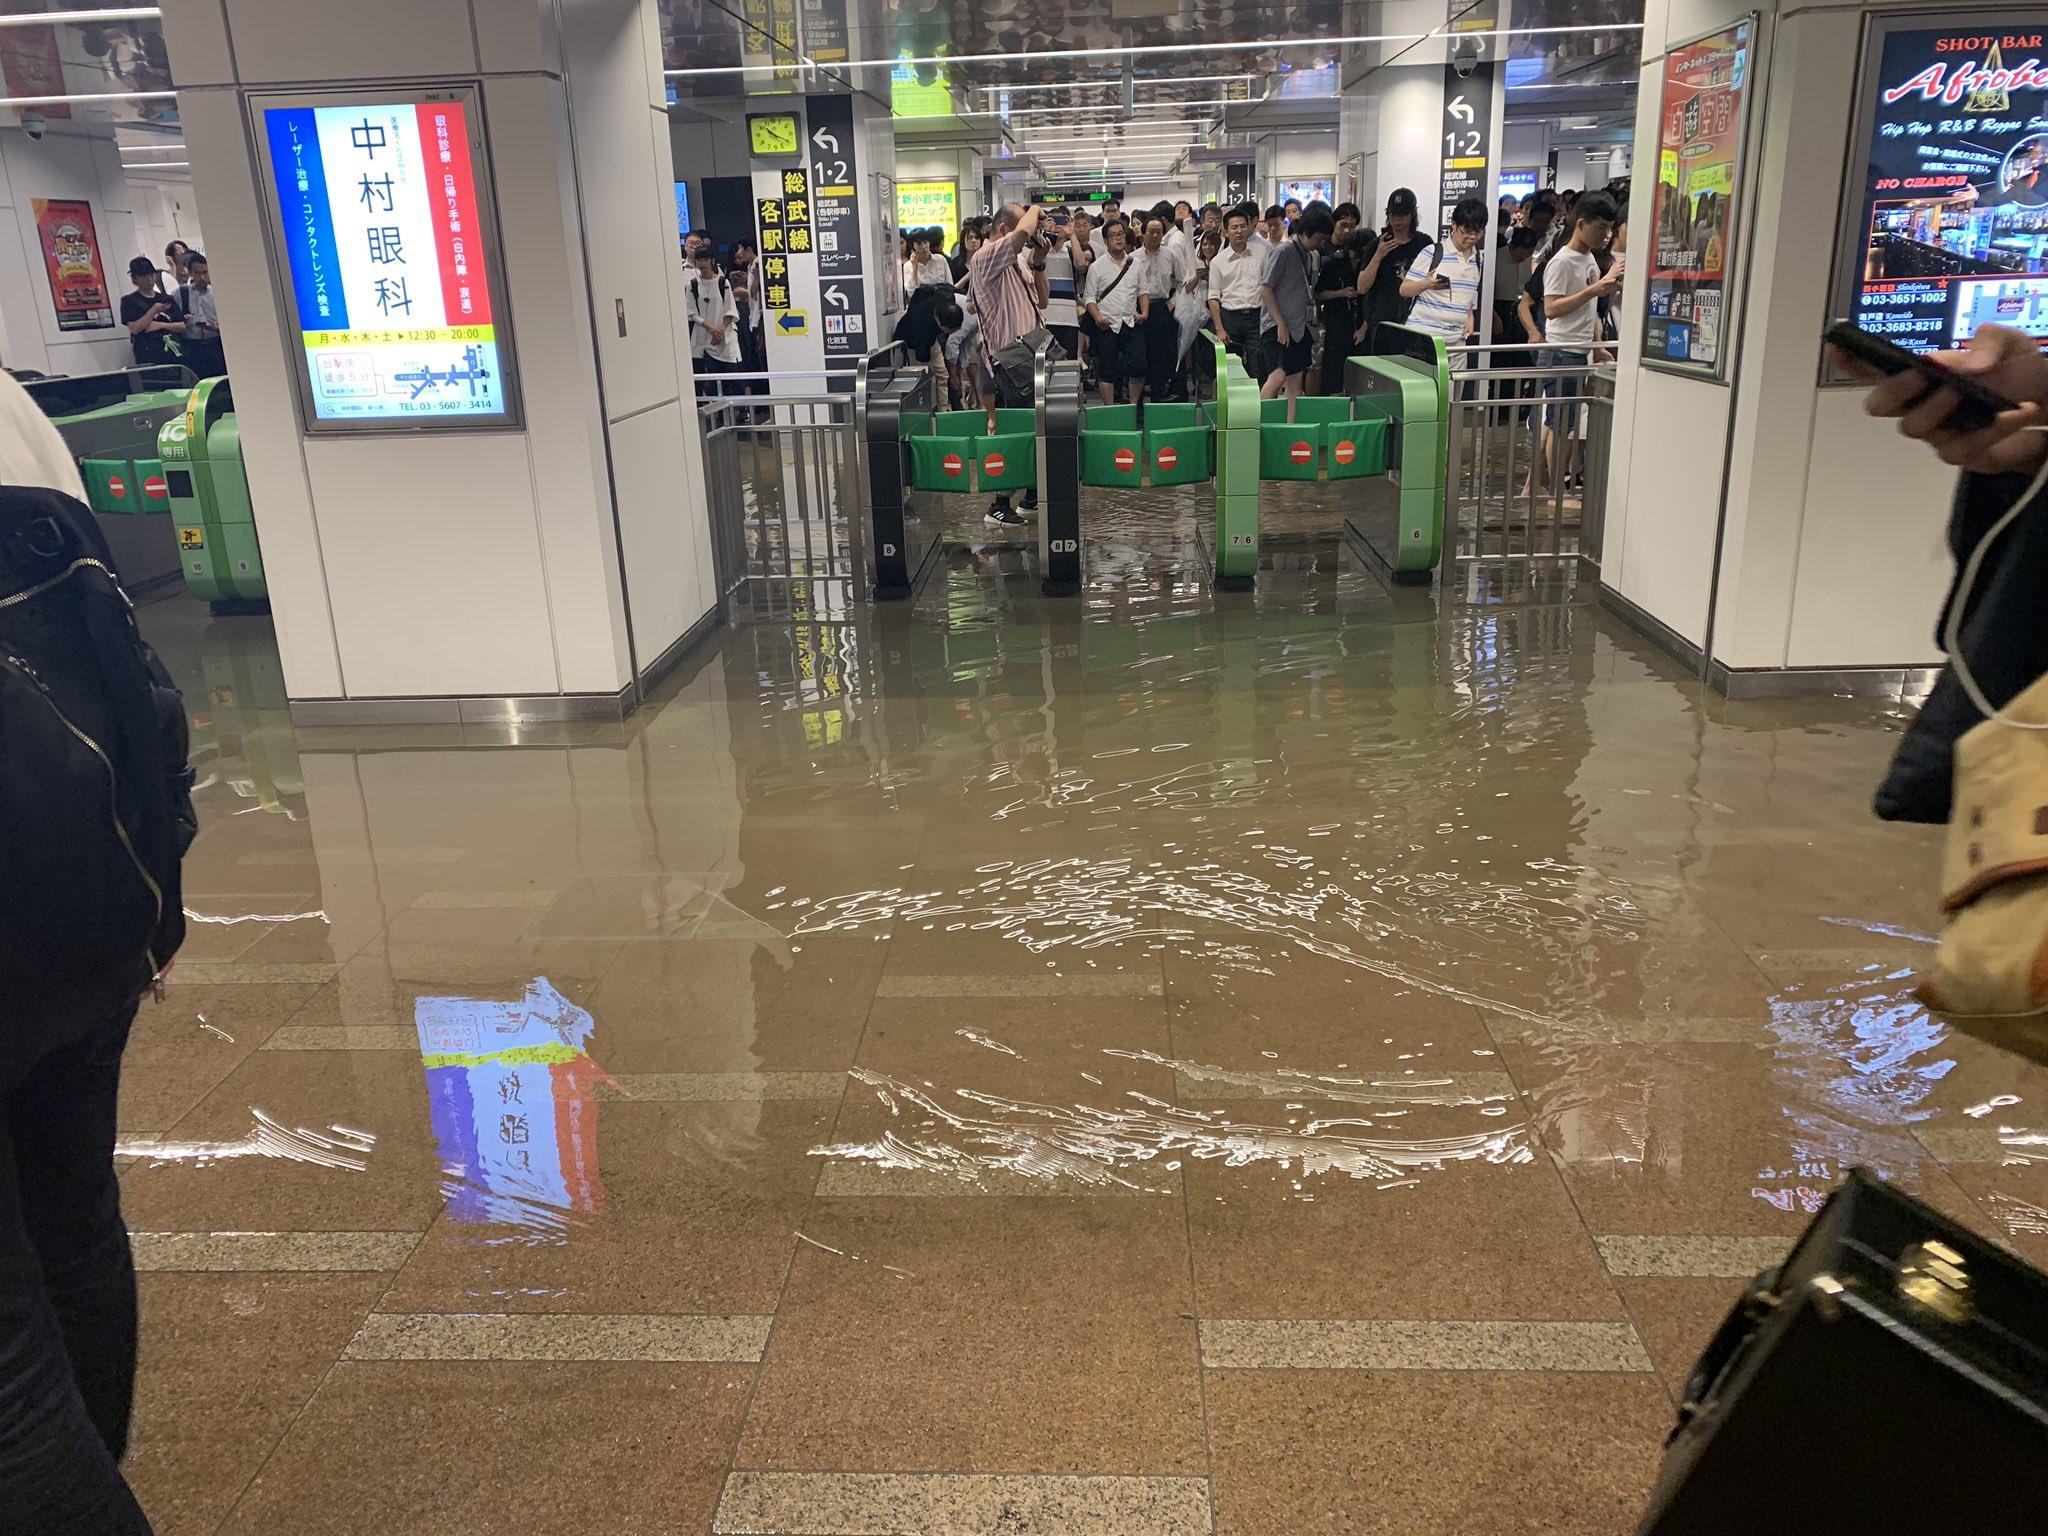 画像,新小岩駅浸水中ー初めて裸足で歩いたわ笑笑 https://t.co/7dW95Wf2er。